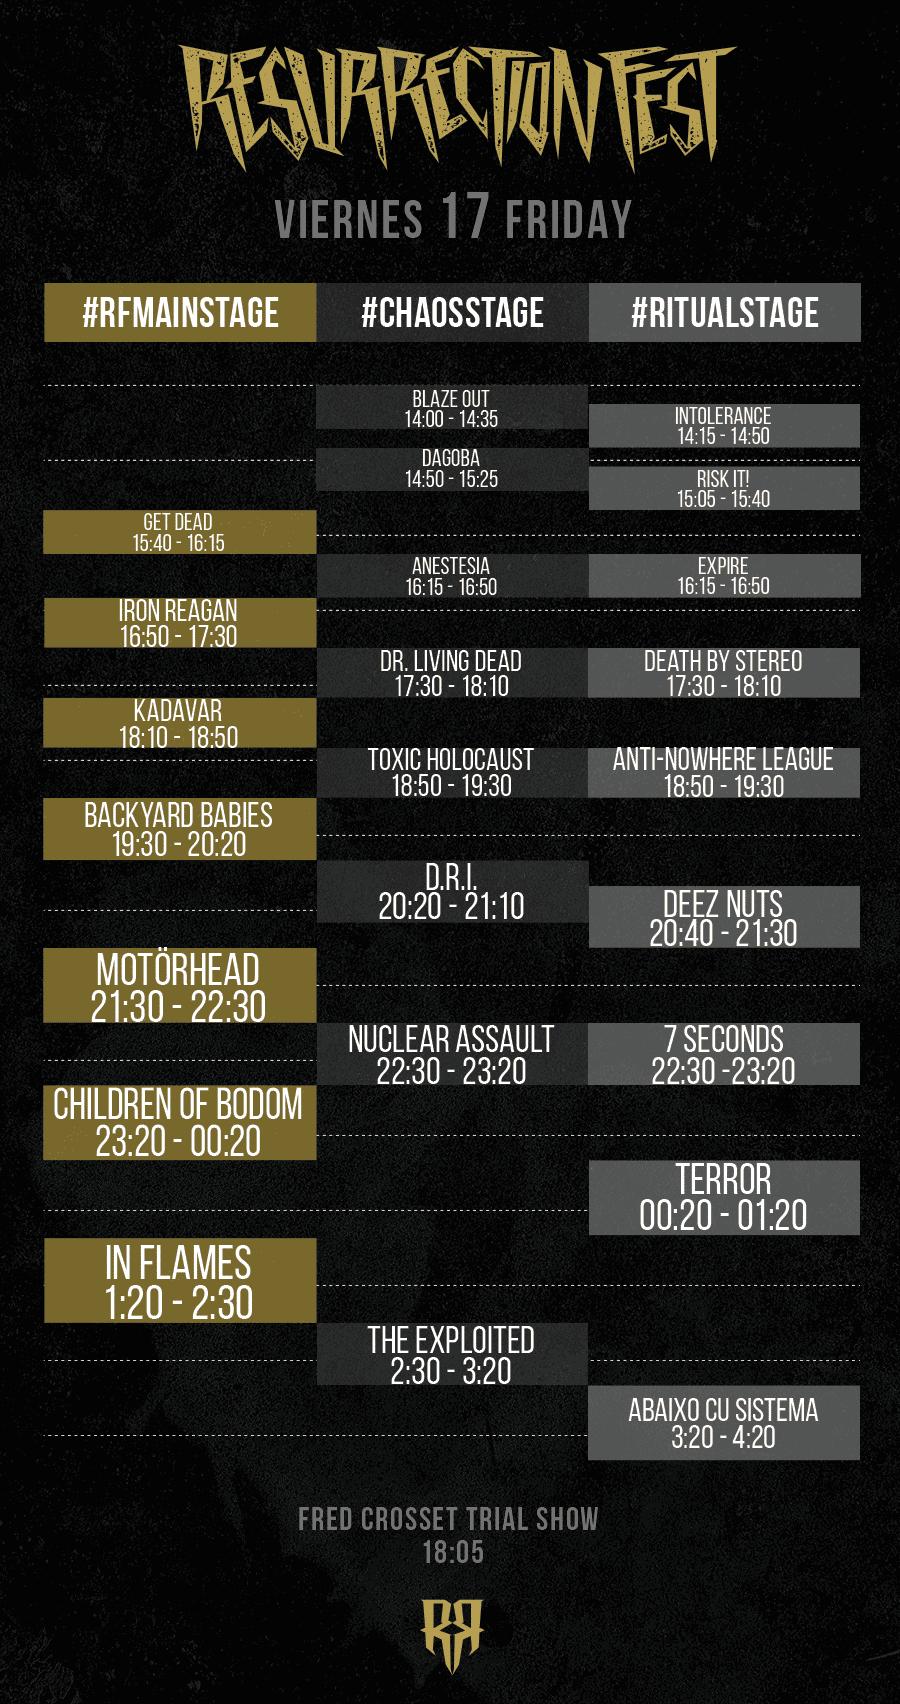 Resurrection Fest 2015 - Running Order - 17